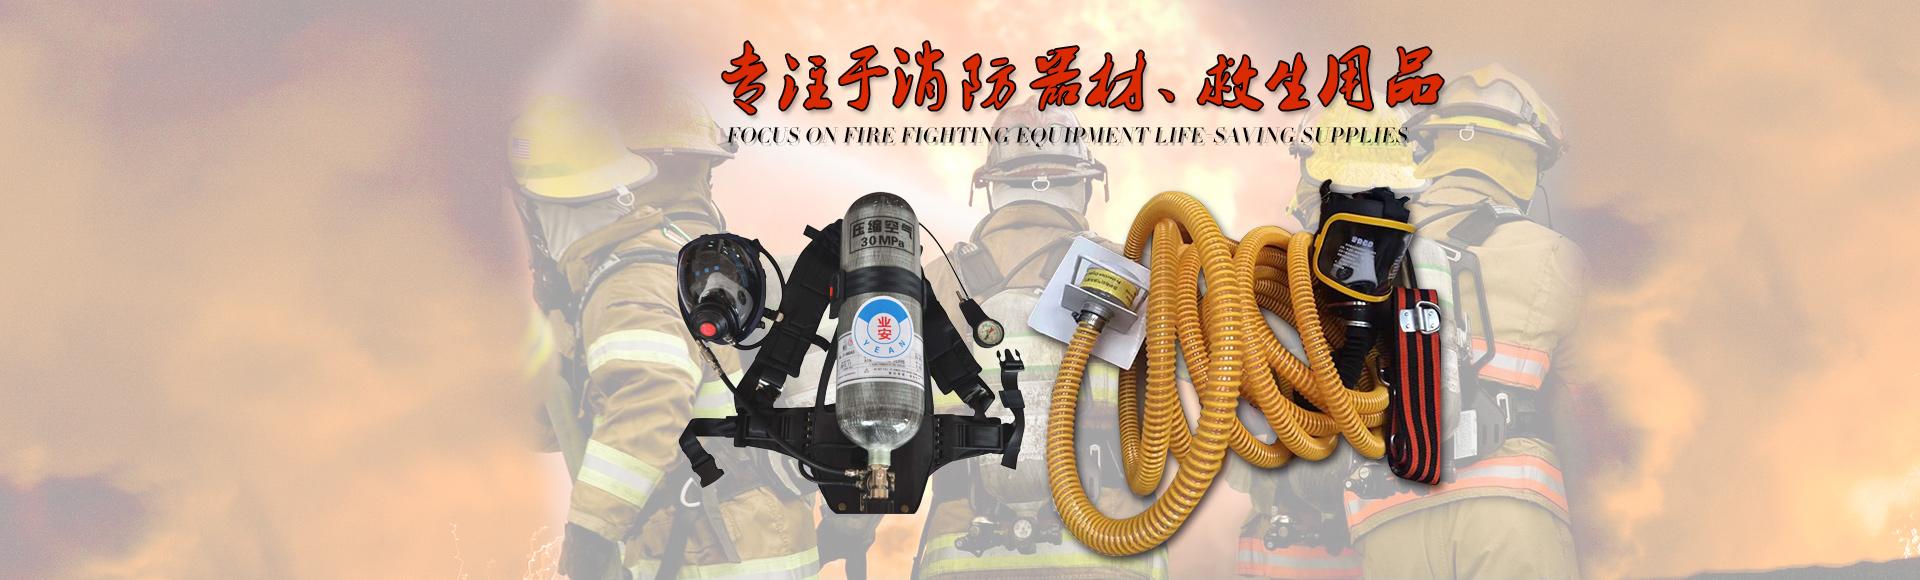 专注于消防器材、救生用品等